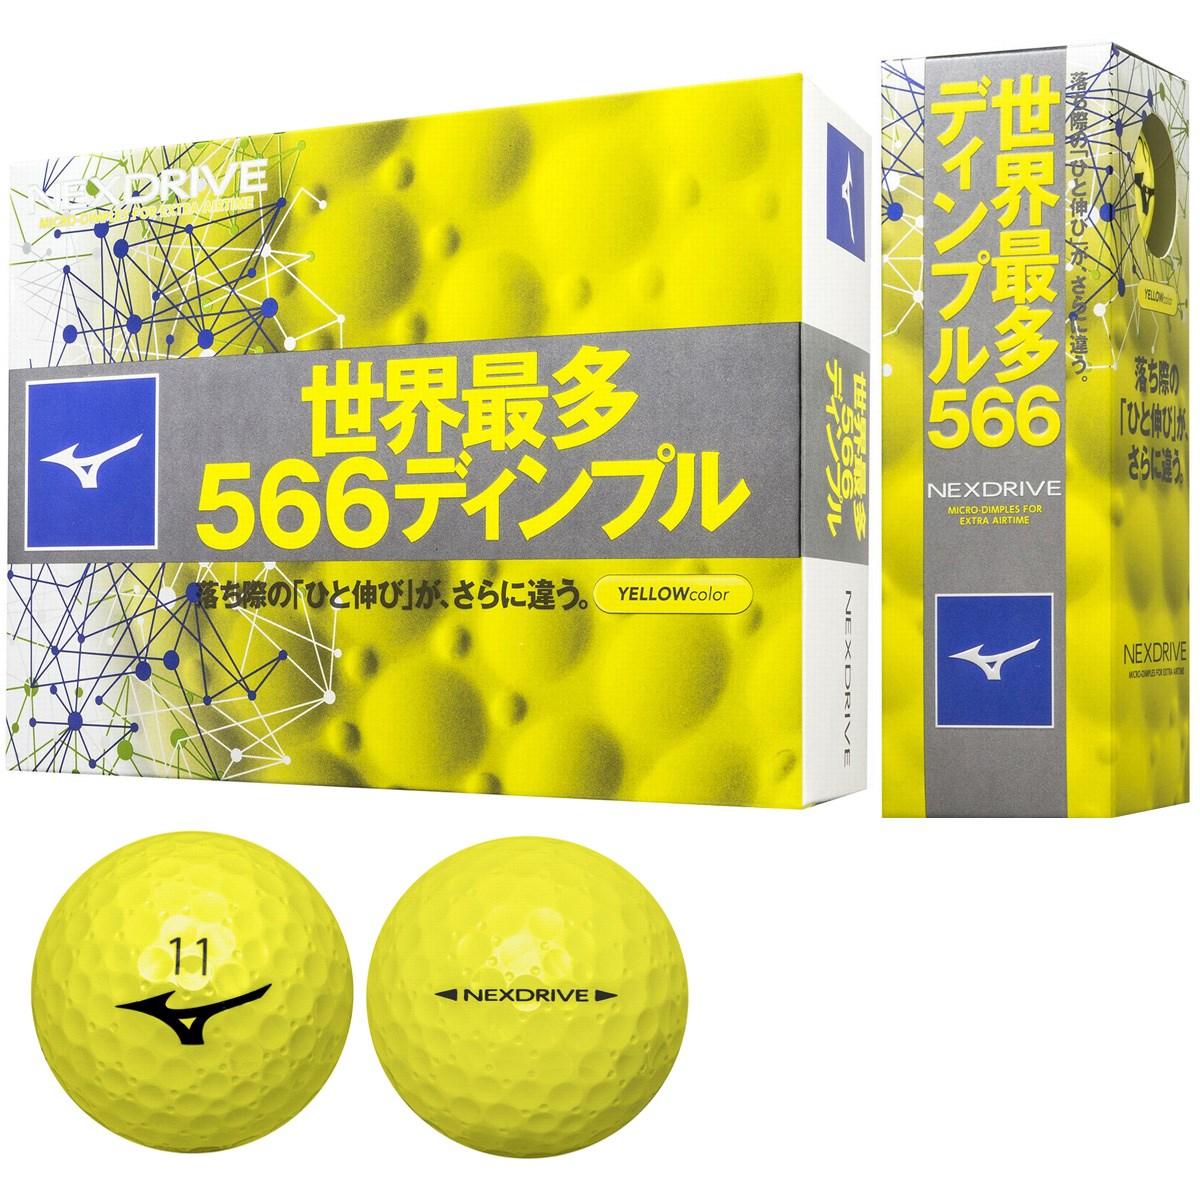 <ゴルフダイジェスト> ミズノ ネクスドライブ ボール ゴルフ